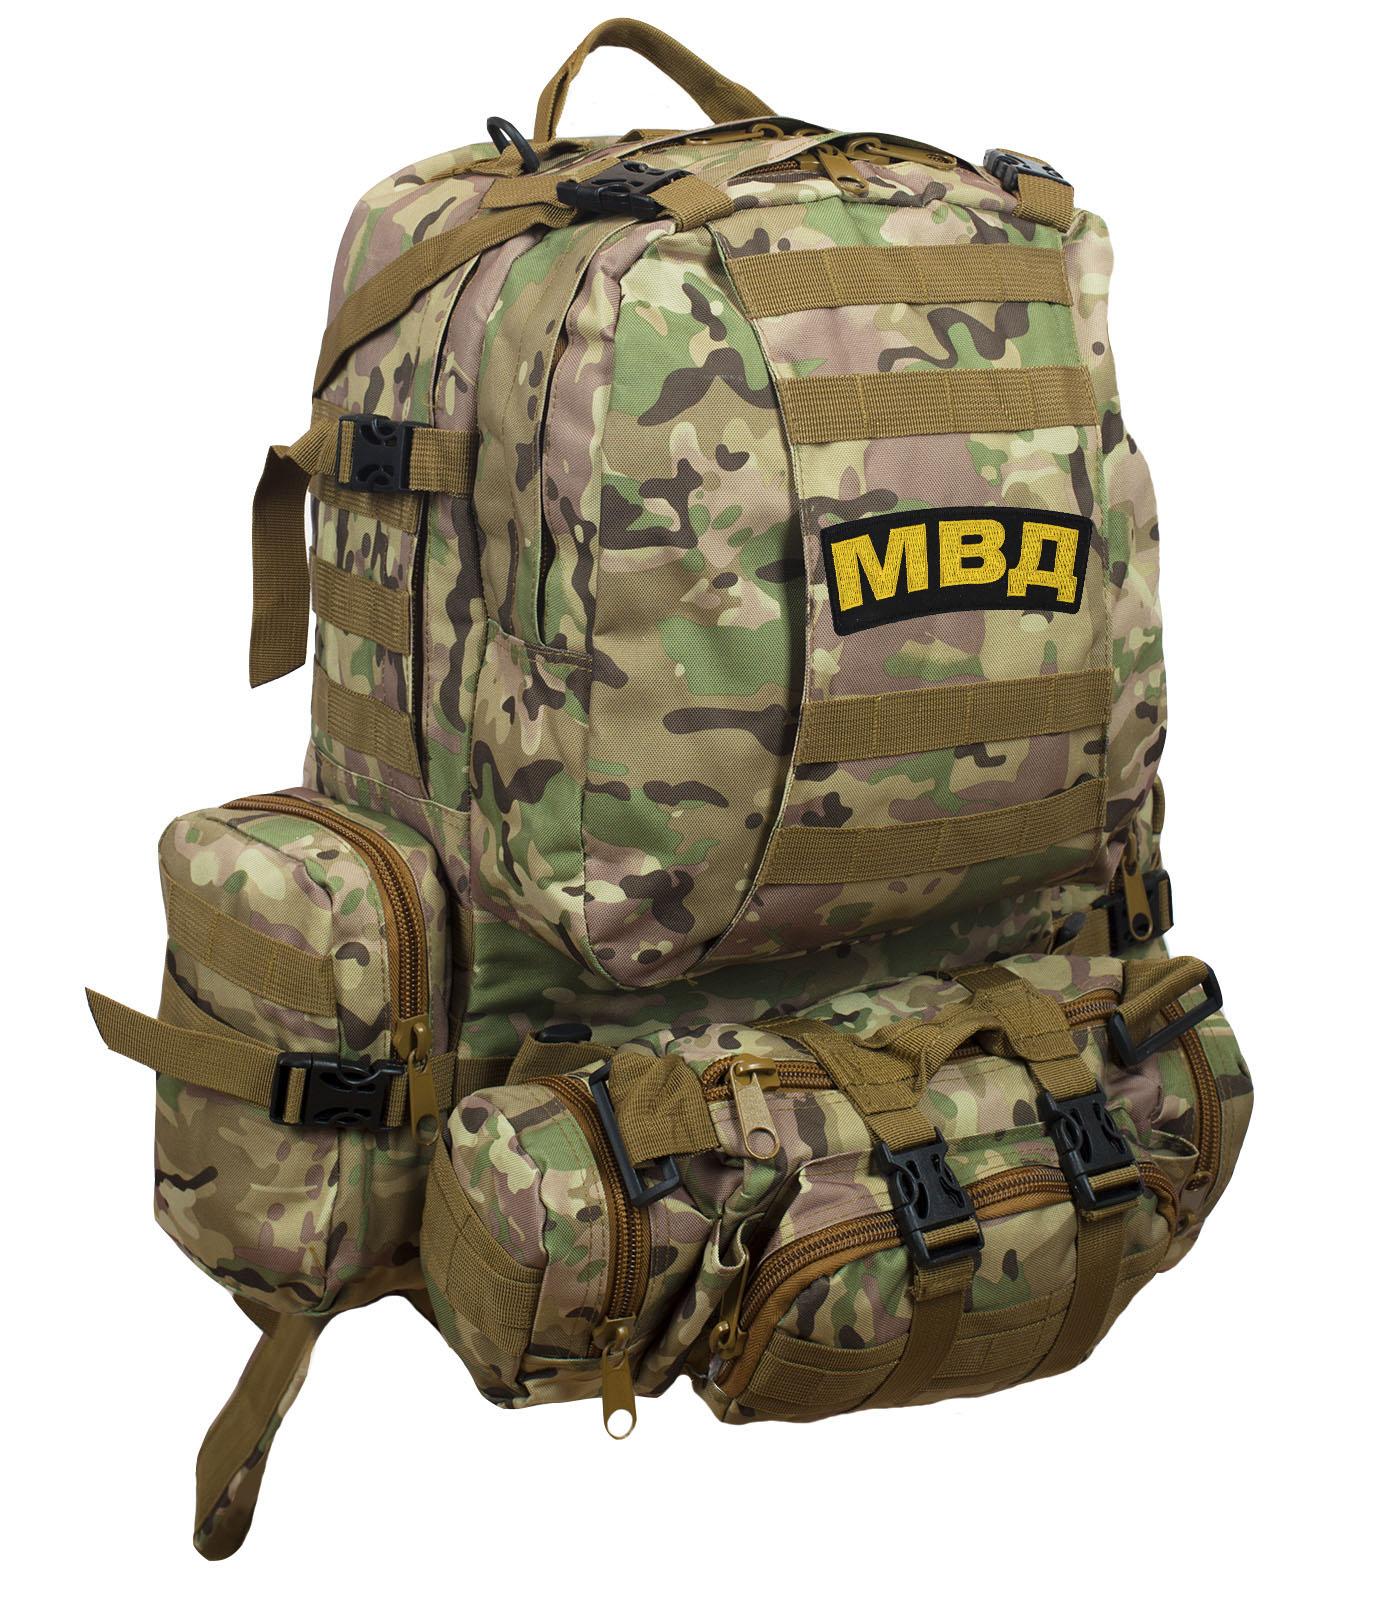 Функциональный армейский рюкзак МВД от ТМ US Assault - купить онлайн